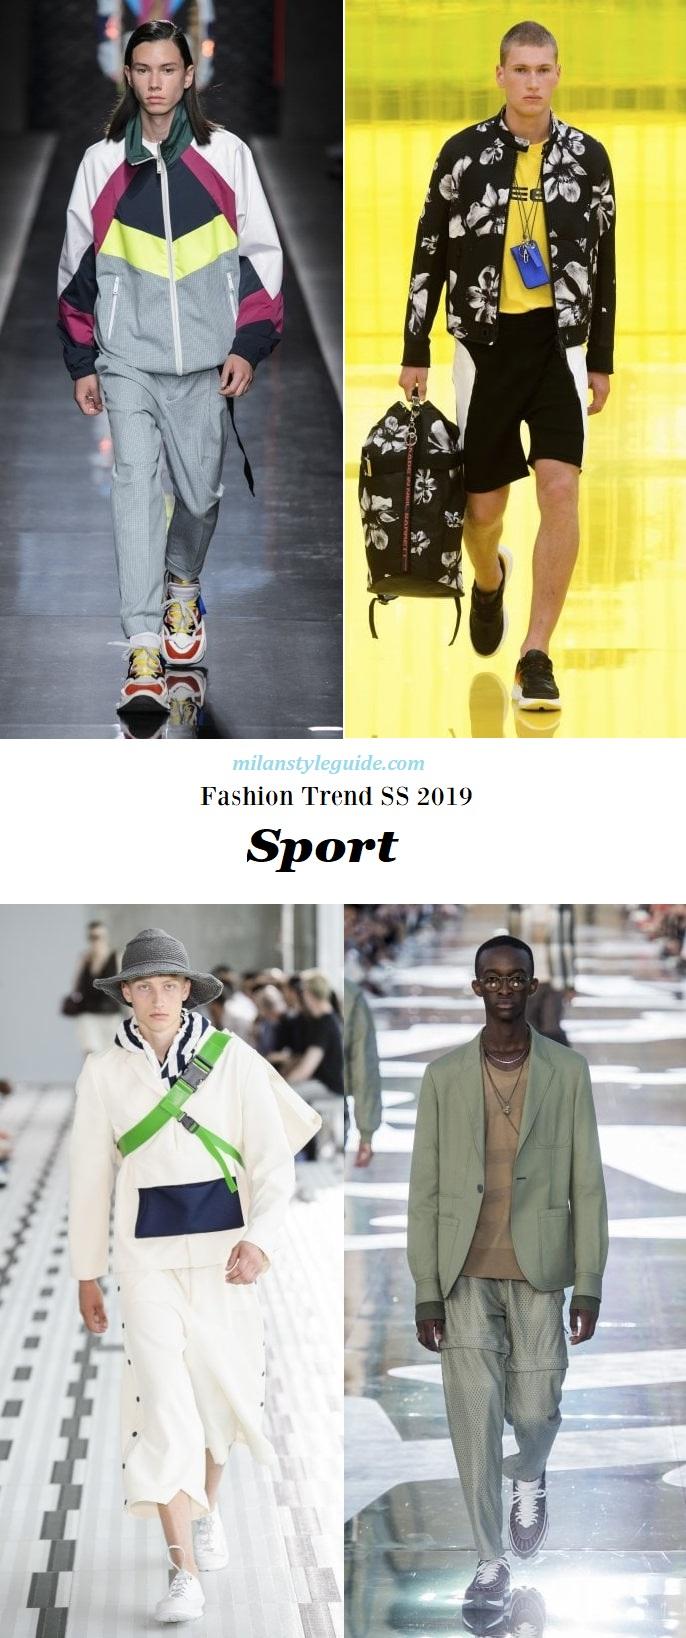 Модный в 2019 году графичный принт графика изоражения